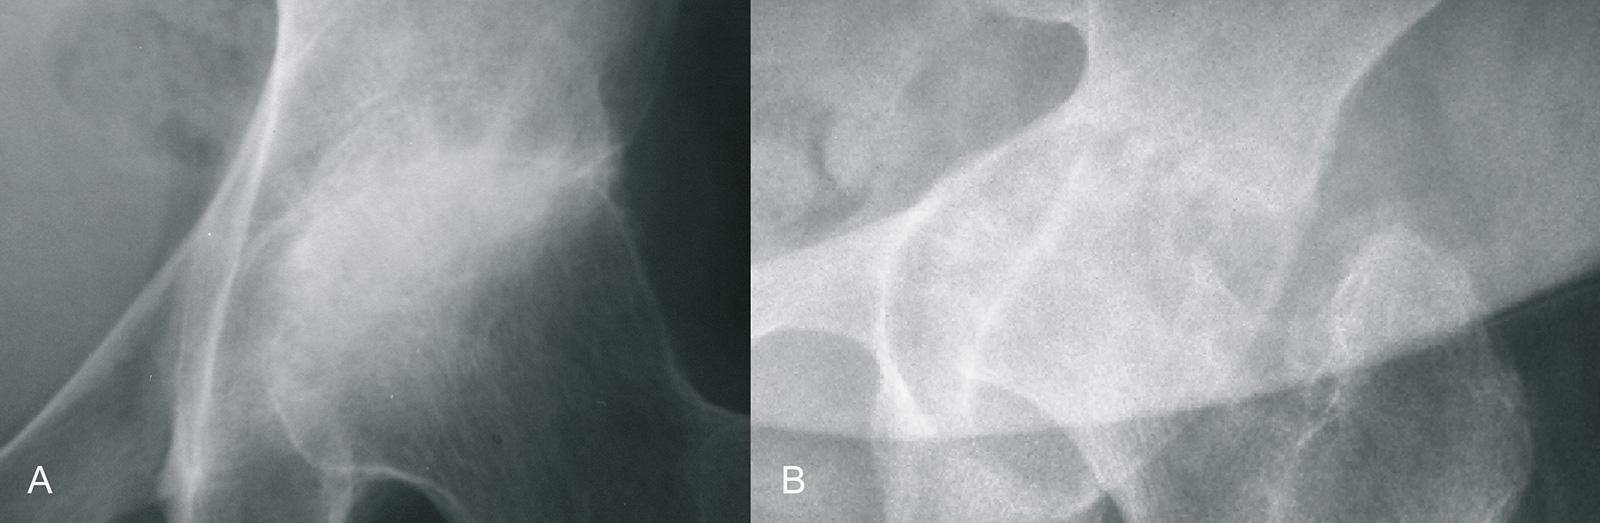 Abb. 1-69: Zirkumferenter Verlust des Gelenkspaltes und periartikuläre Osteopenie bei einem Patienten mit rheumatoider Arthritis (A). Im Verlauf führt eine massive Synovialitis zur Zerstörung des Hüftkopfes und Protrusion in das Acetabulum (B)